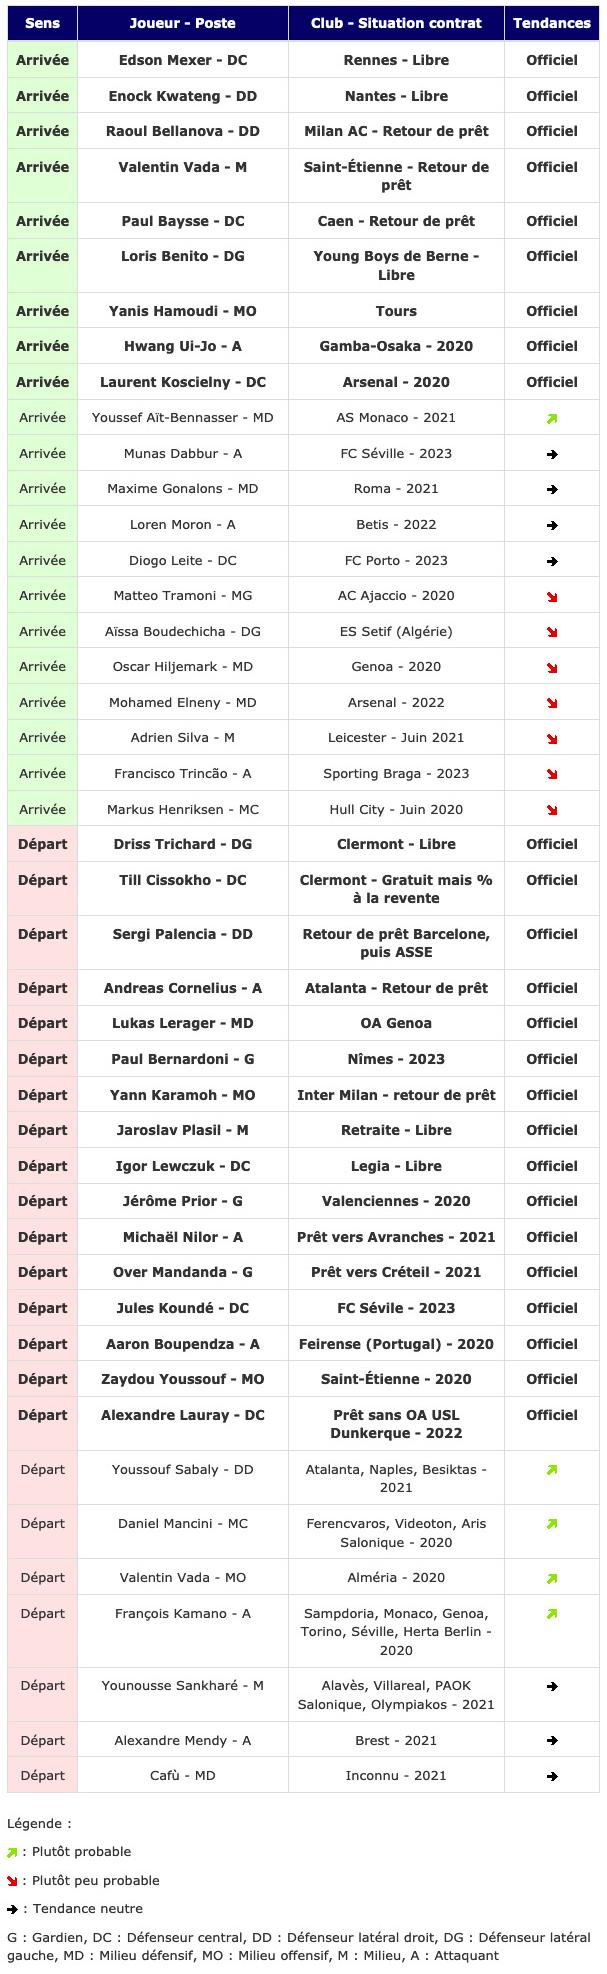 Screenshot_2019-08-22 Transferts - Girondins actualité par WebGirondins, Girondins de Bordeaux Mercato infos et Transferts [.png (460 KB)